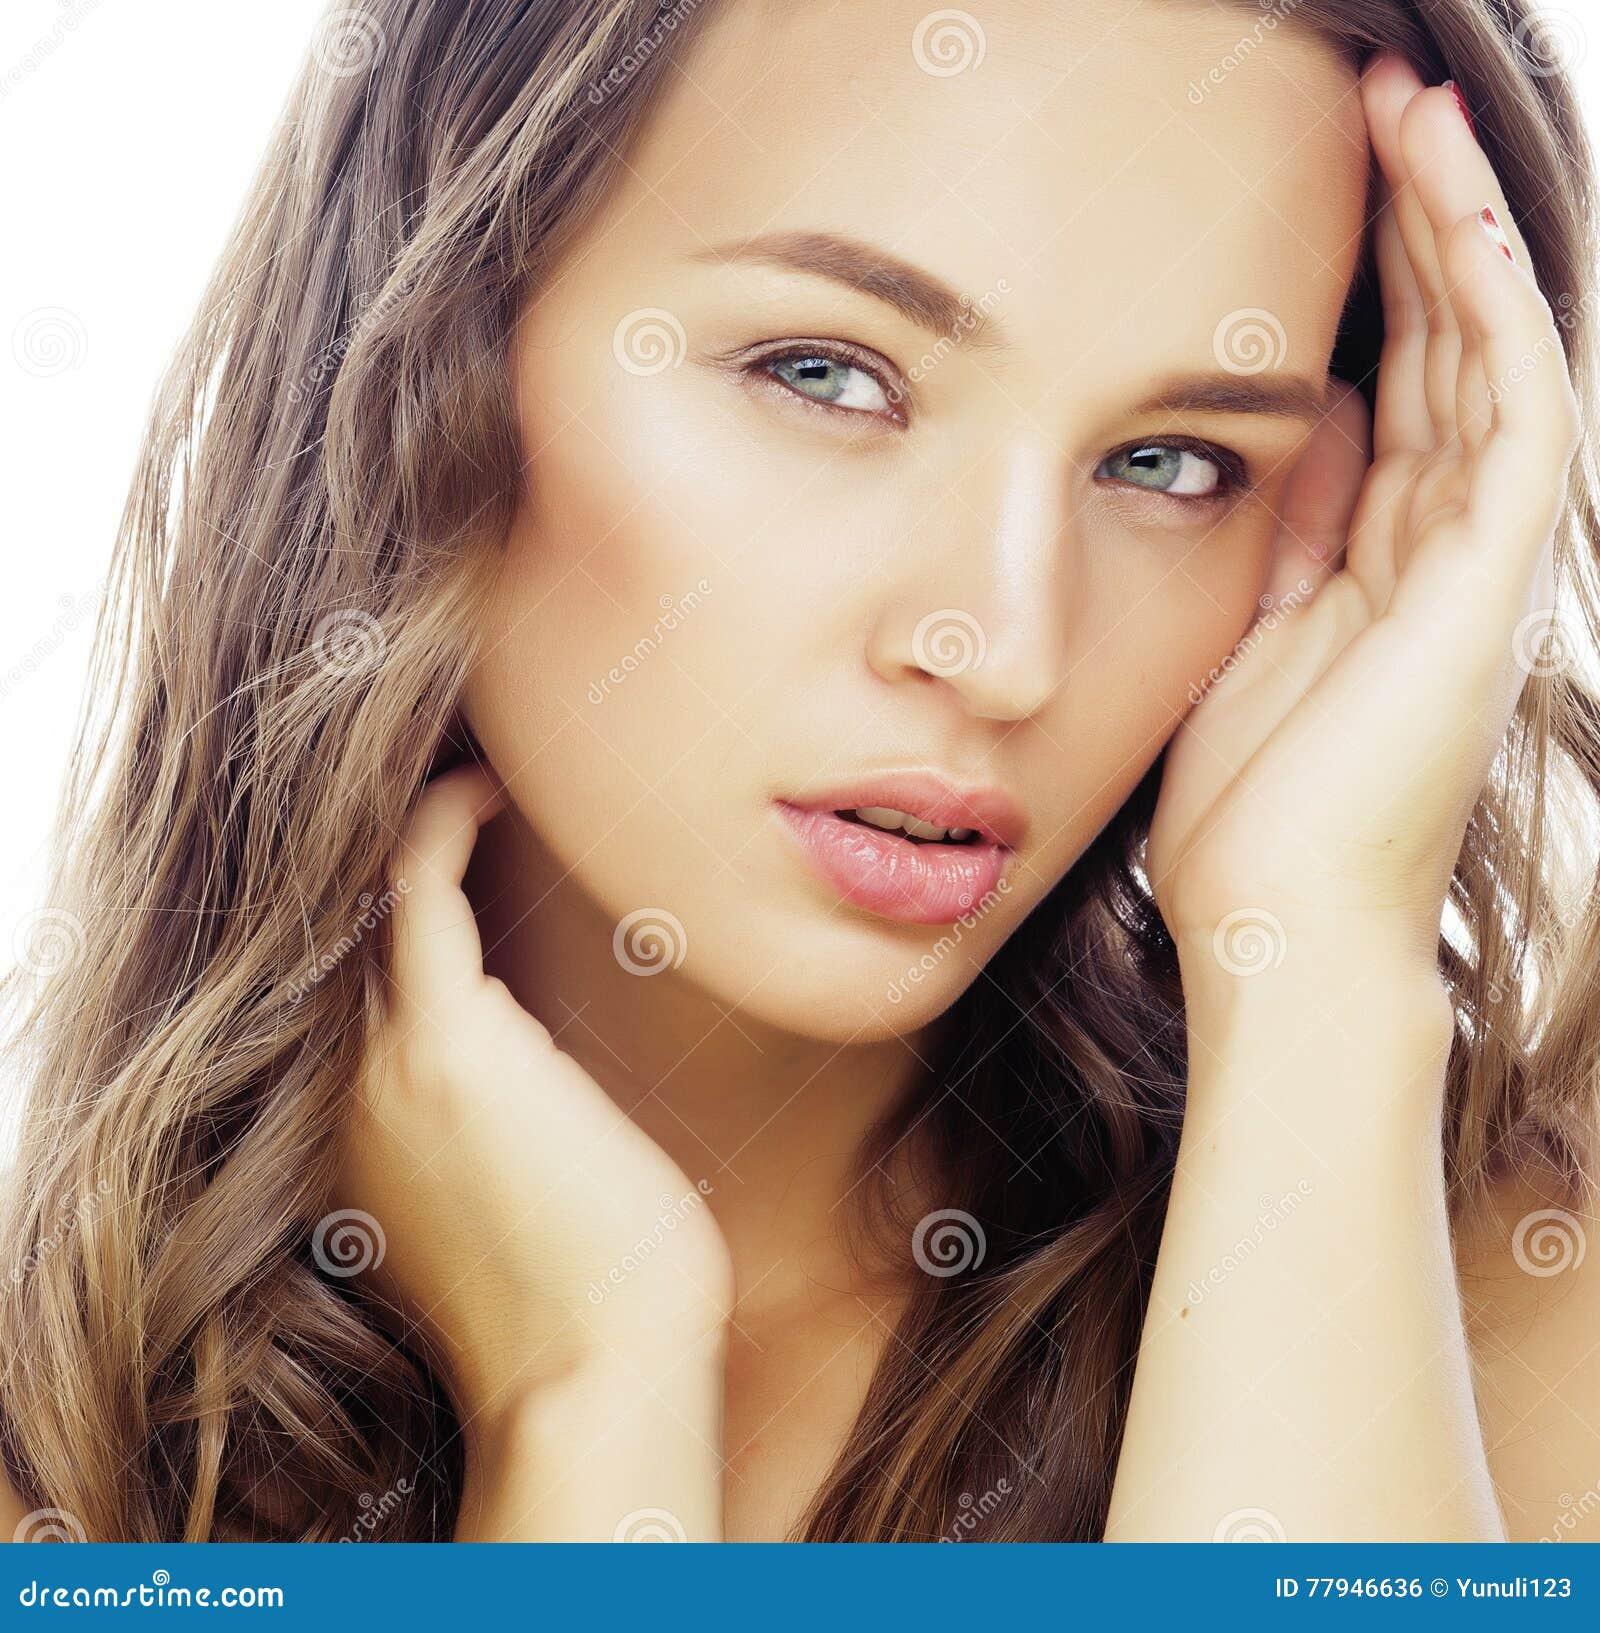 drummond brunette close - photo #4